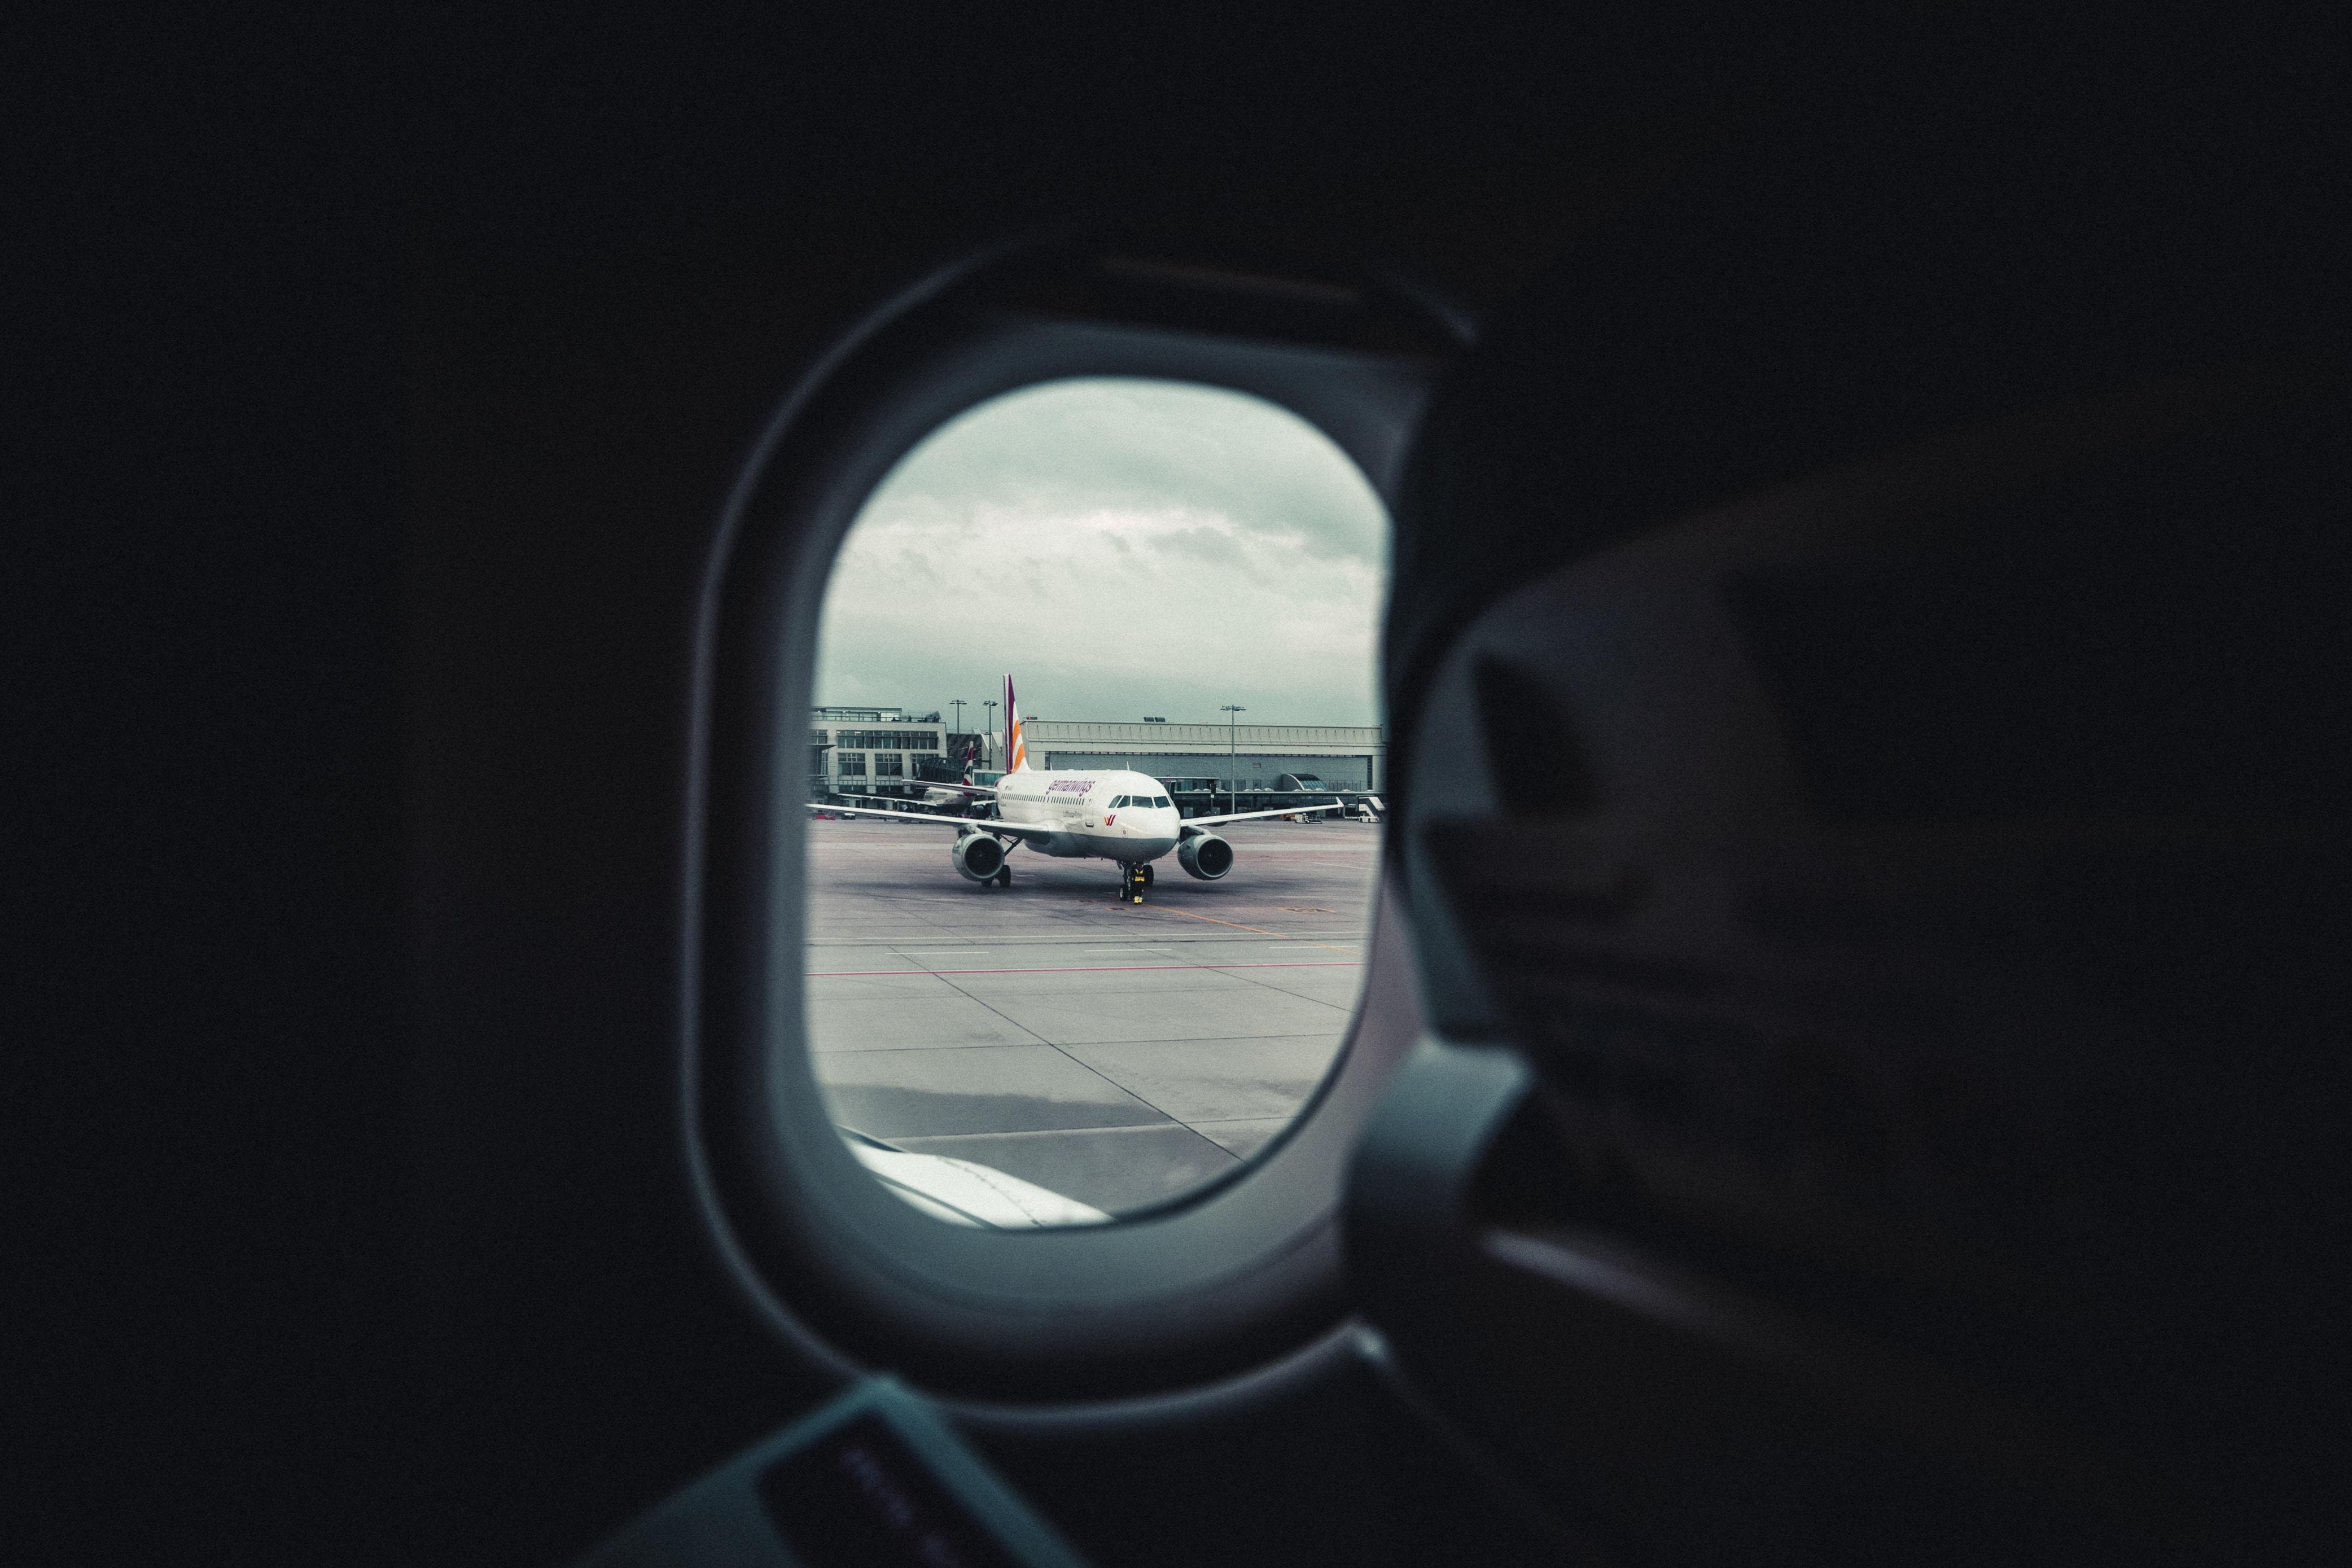 closeup photo of airplane